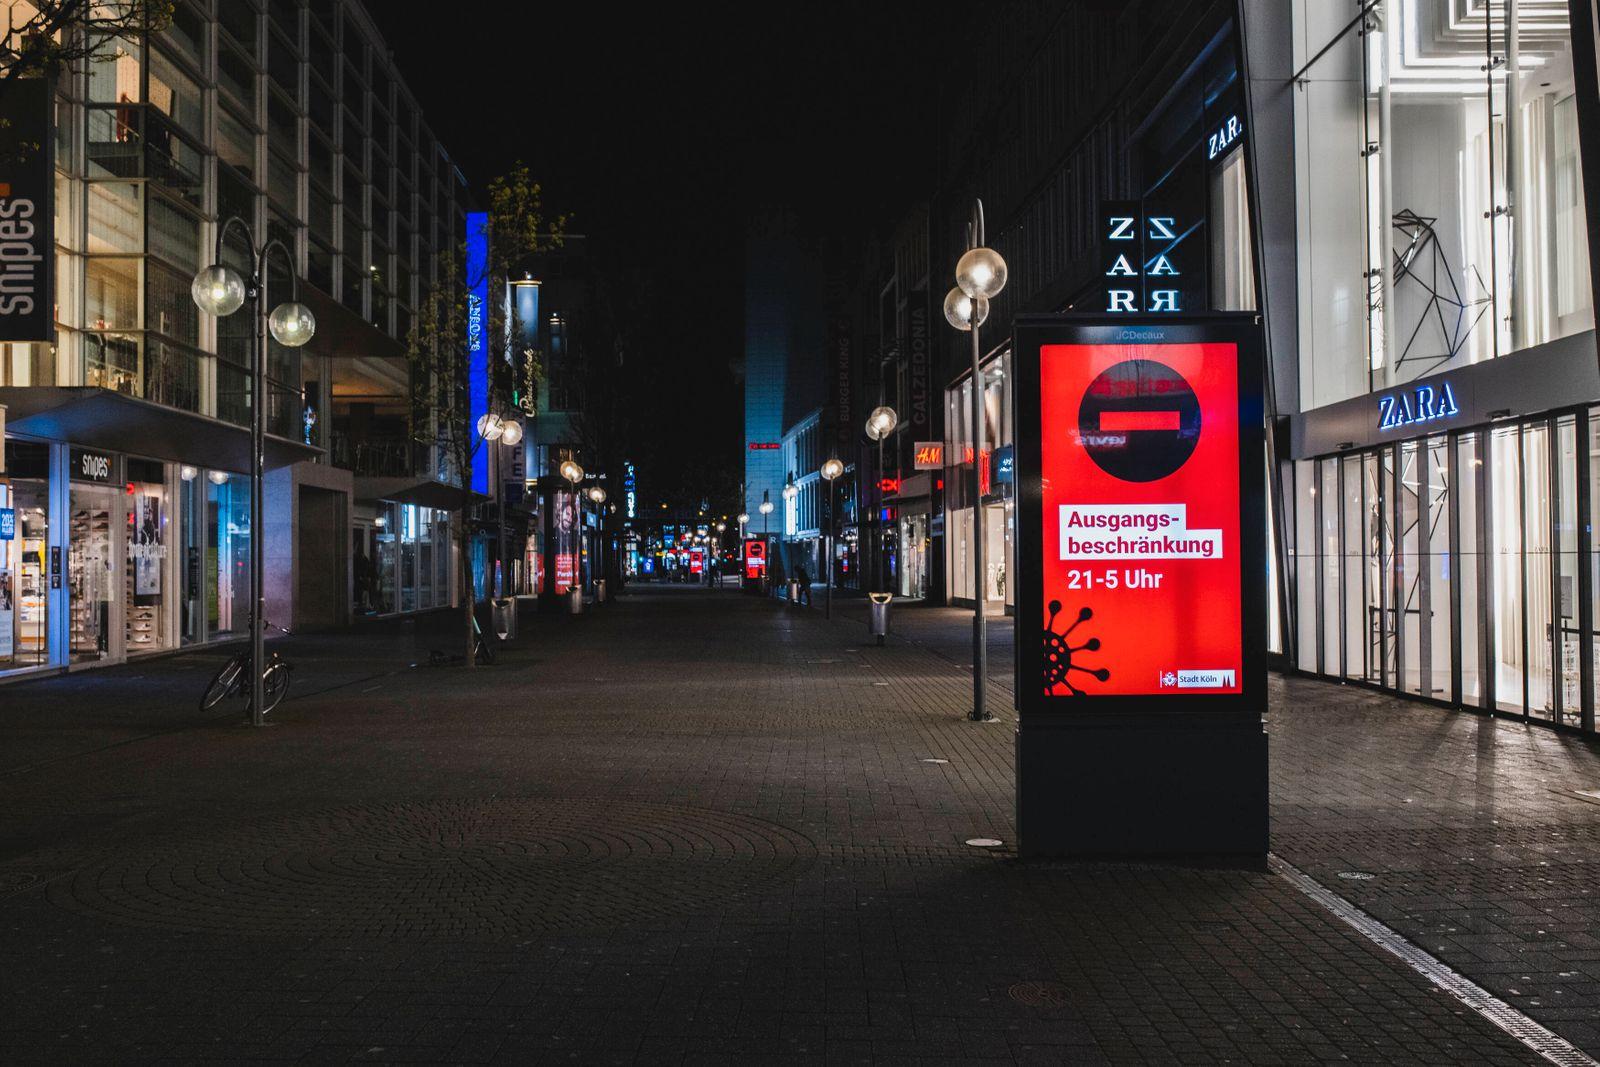 Ausgangssperre in Köln Köln, Innenstadt, 17.04.21-18.04.21: Bilddokumentation der Ausgangssperre von 21Uhr bis 5Uhr, Lee